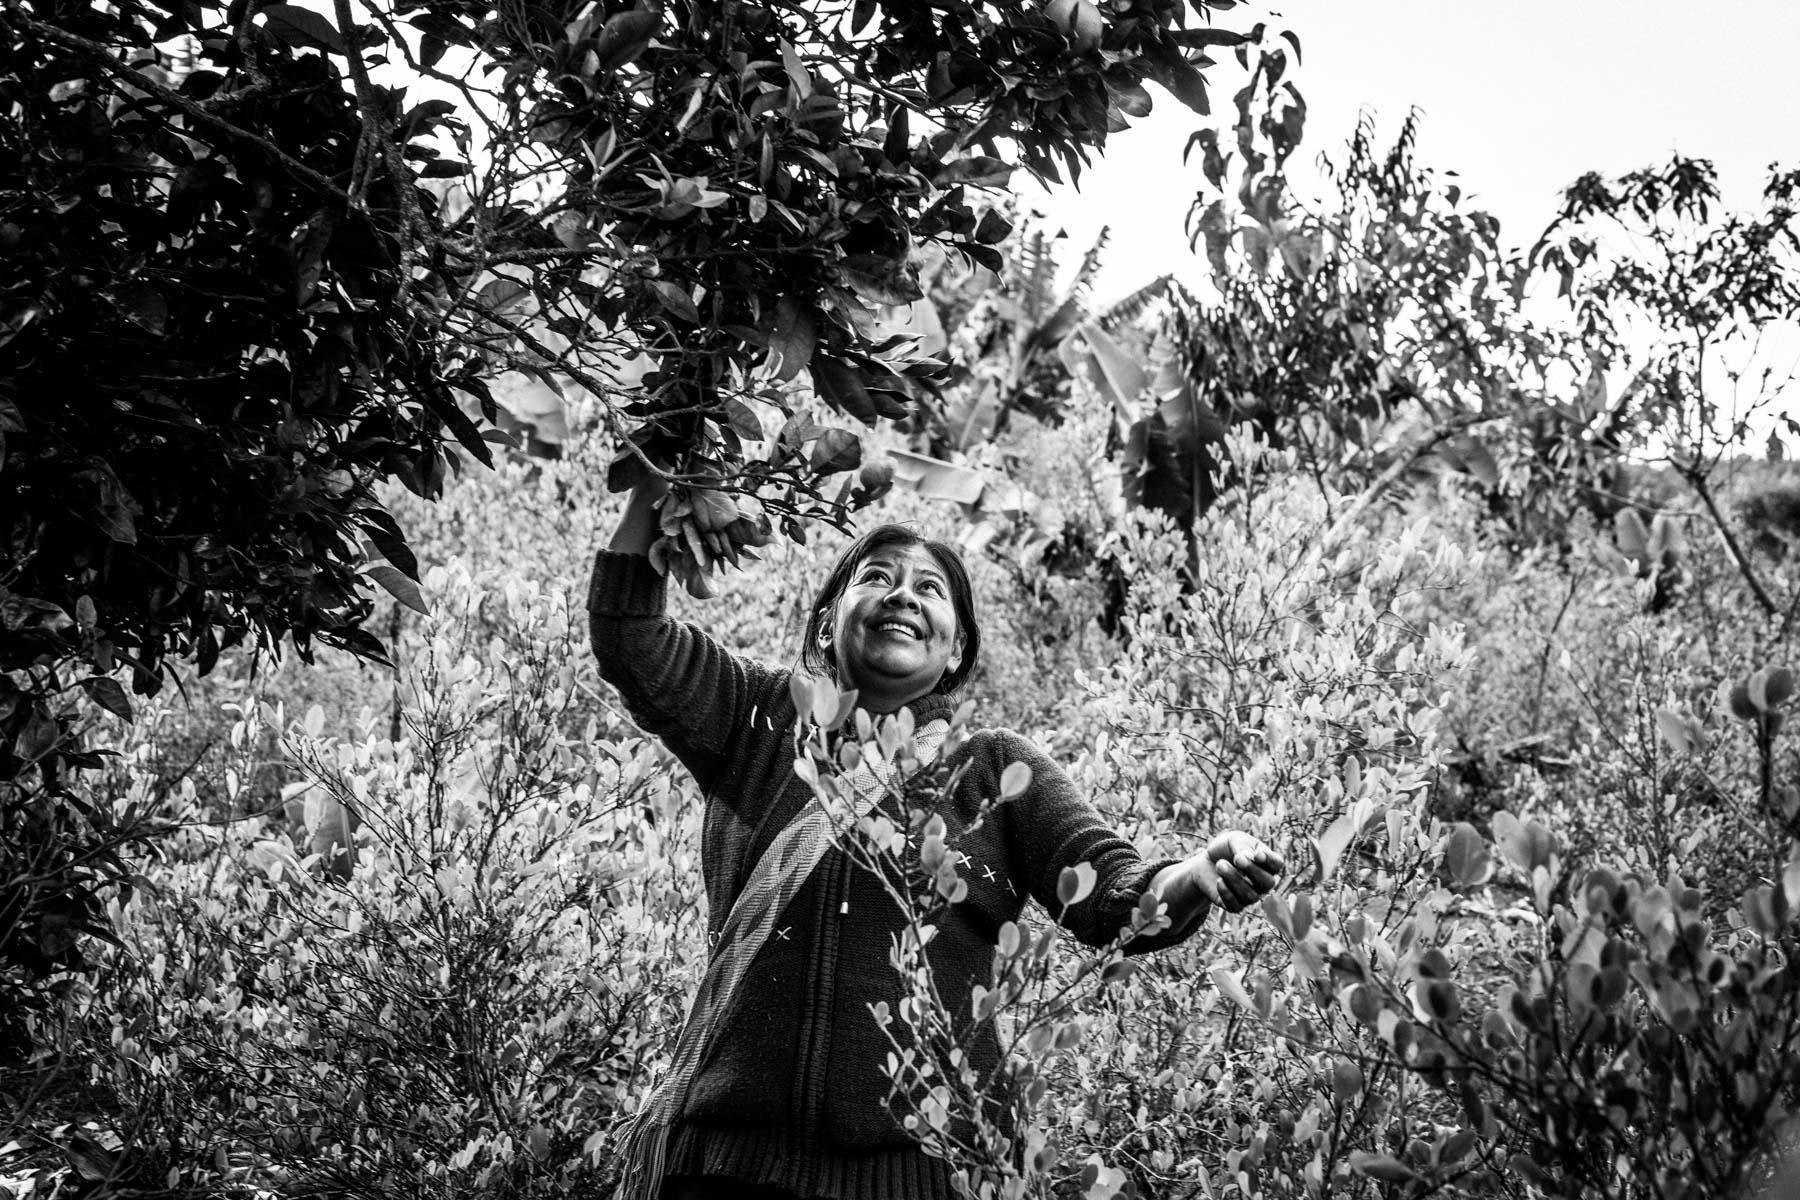 Dominga Mestizo en la finca de Isabel Mosquera Parra (45 años), El Naranjo, resguardo de San Francisco, Cauca, Colombia, Agosto 17, 2018.